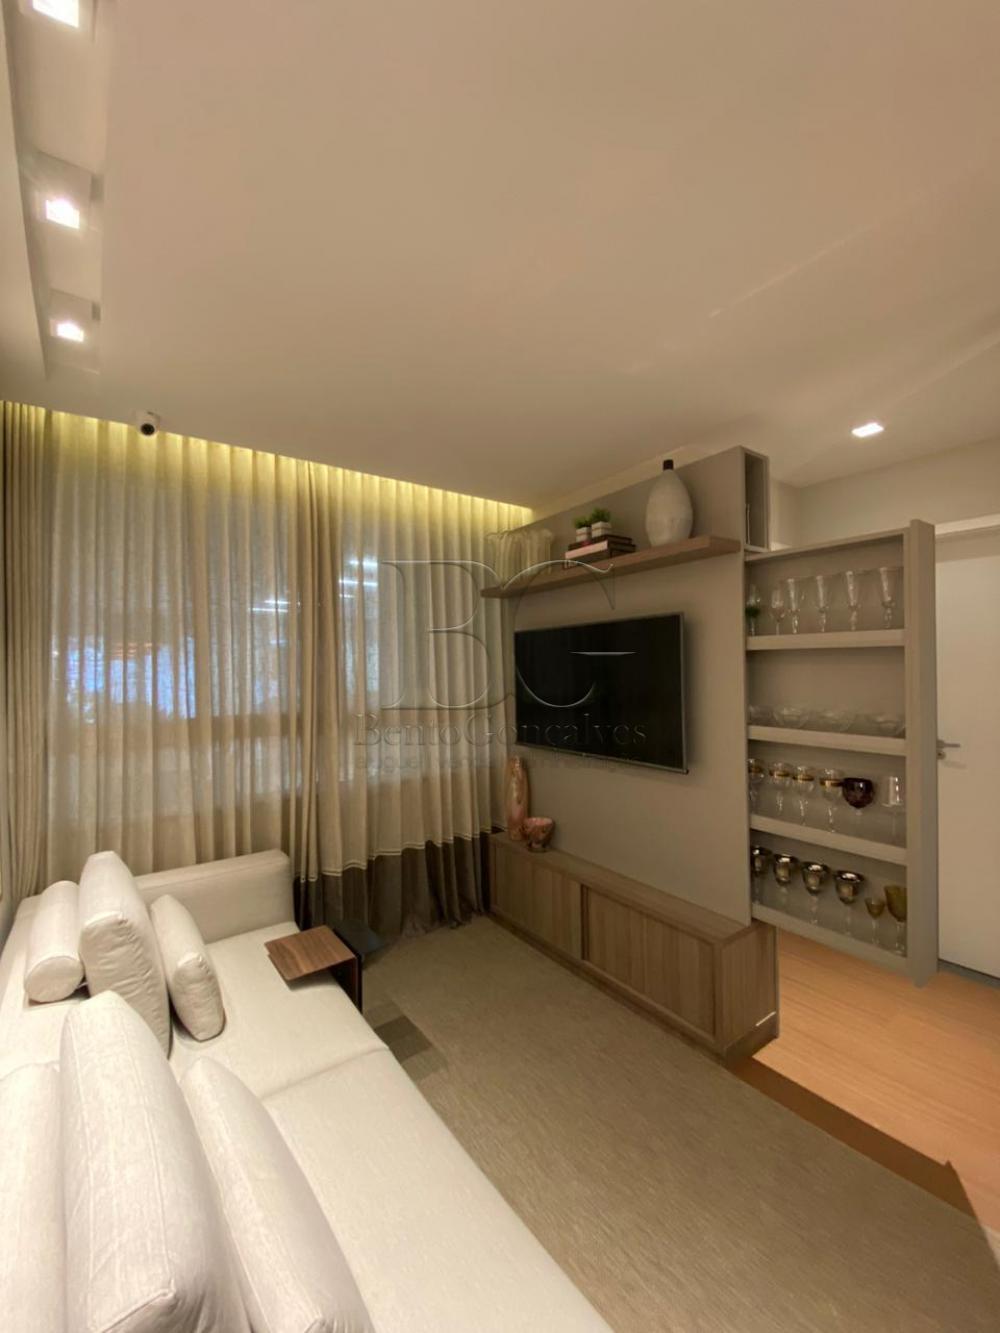 Comprar Apartamentos / Lançamento em Poços de Caldas apenas R$ 170.000,00 - Foto 5